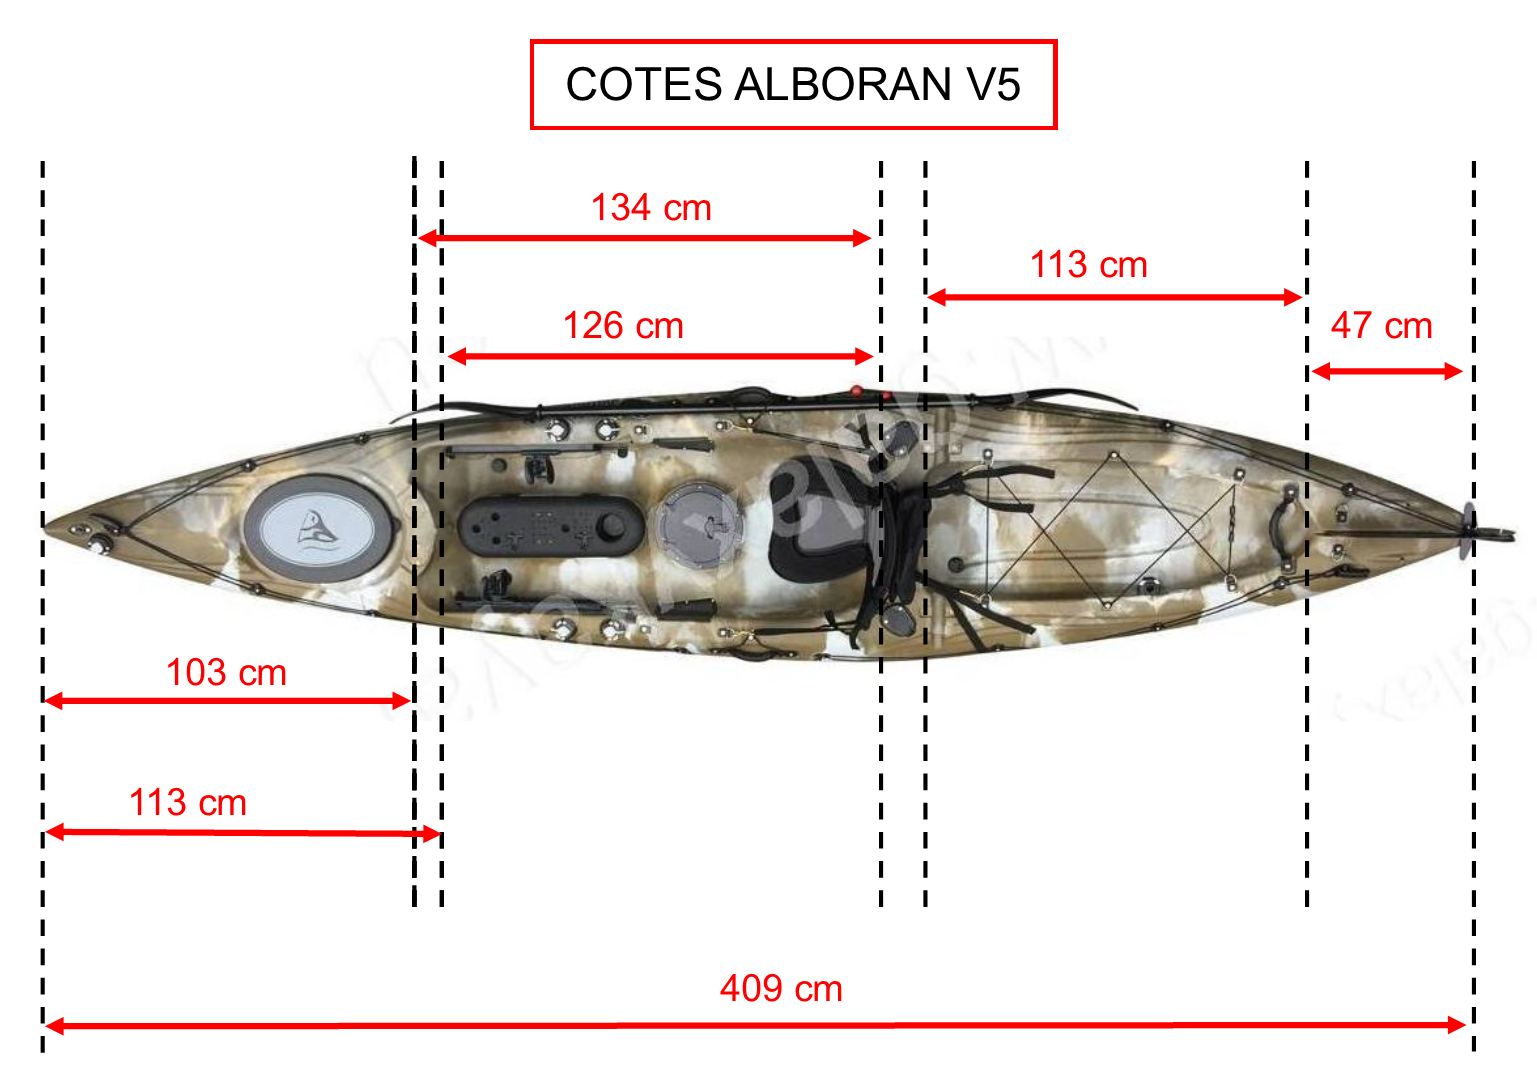 Dimensions et cotes de l'Alboran Cotes-alboran